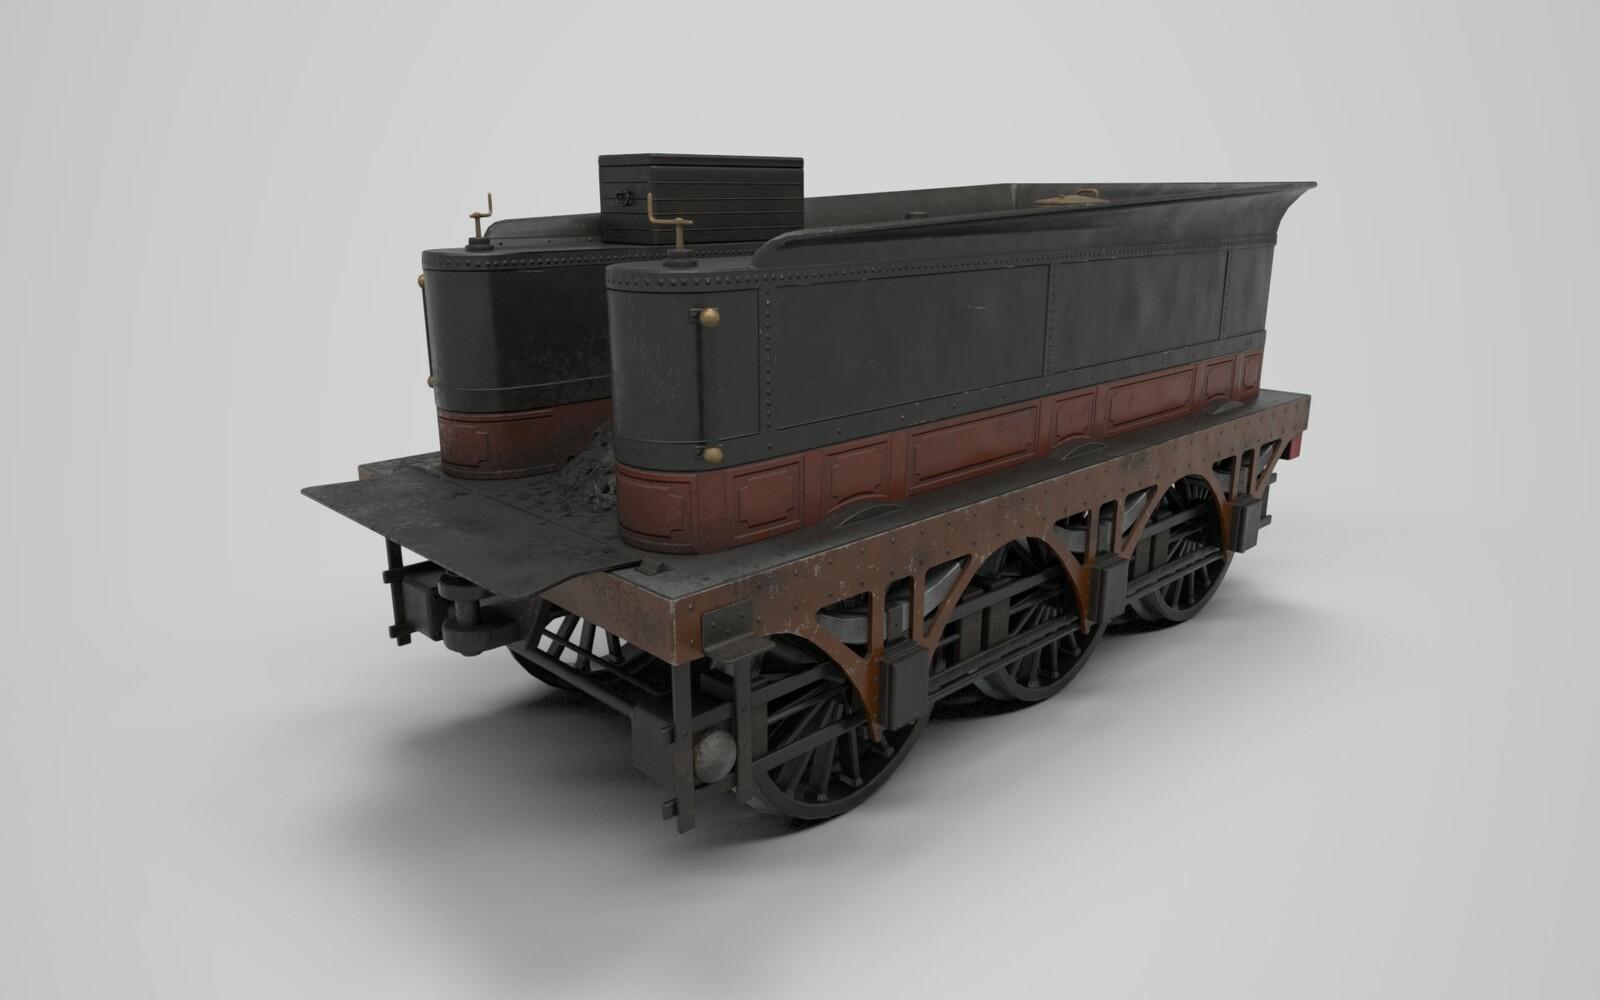 Firefly Tender (historical train)